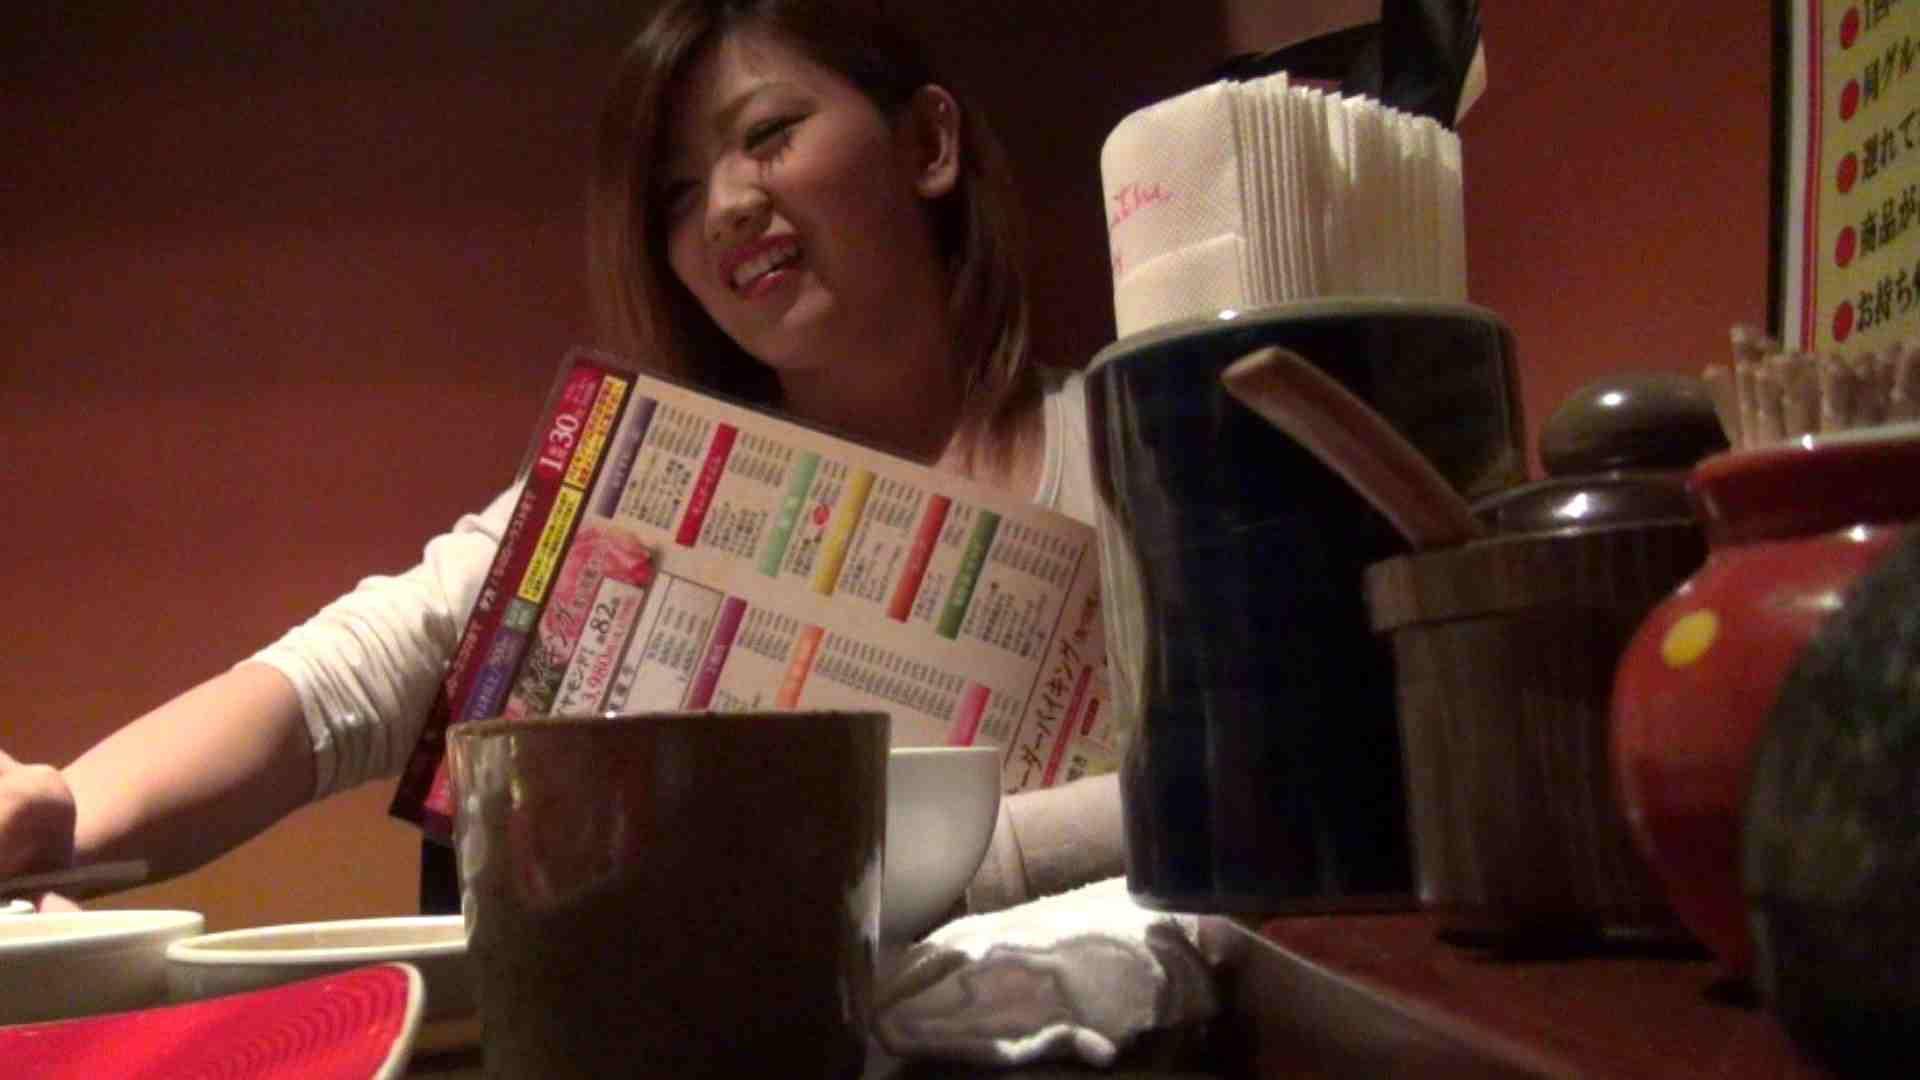 【出会い01】大助さんMちゃんと食事会 0  53連発 3